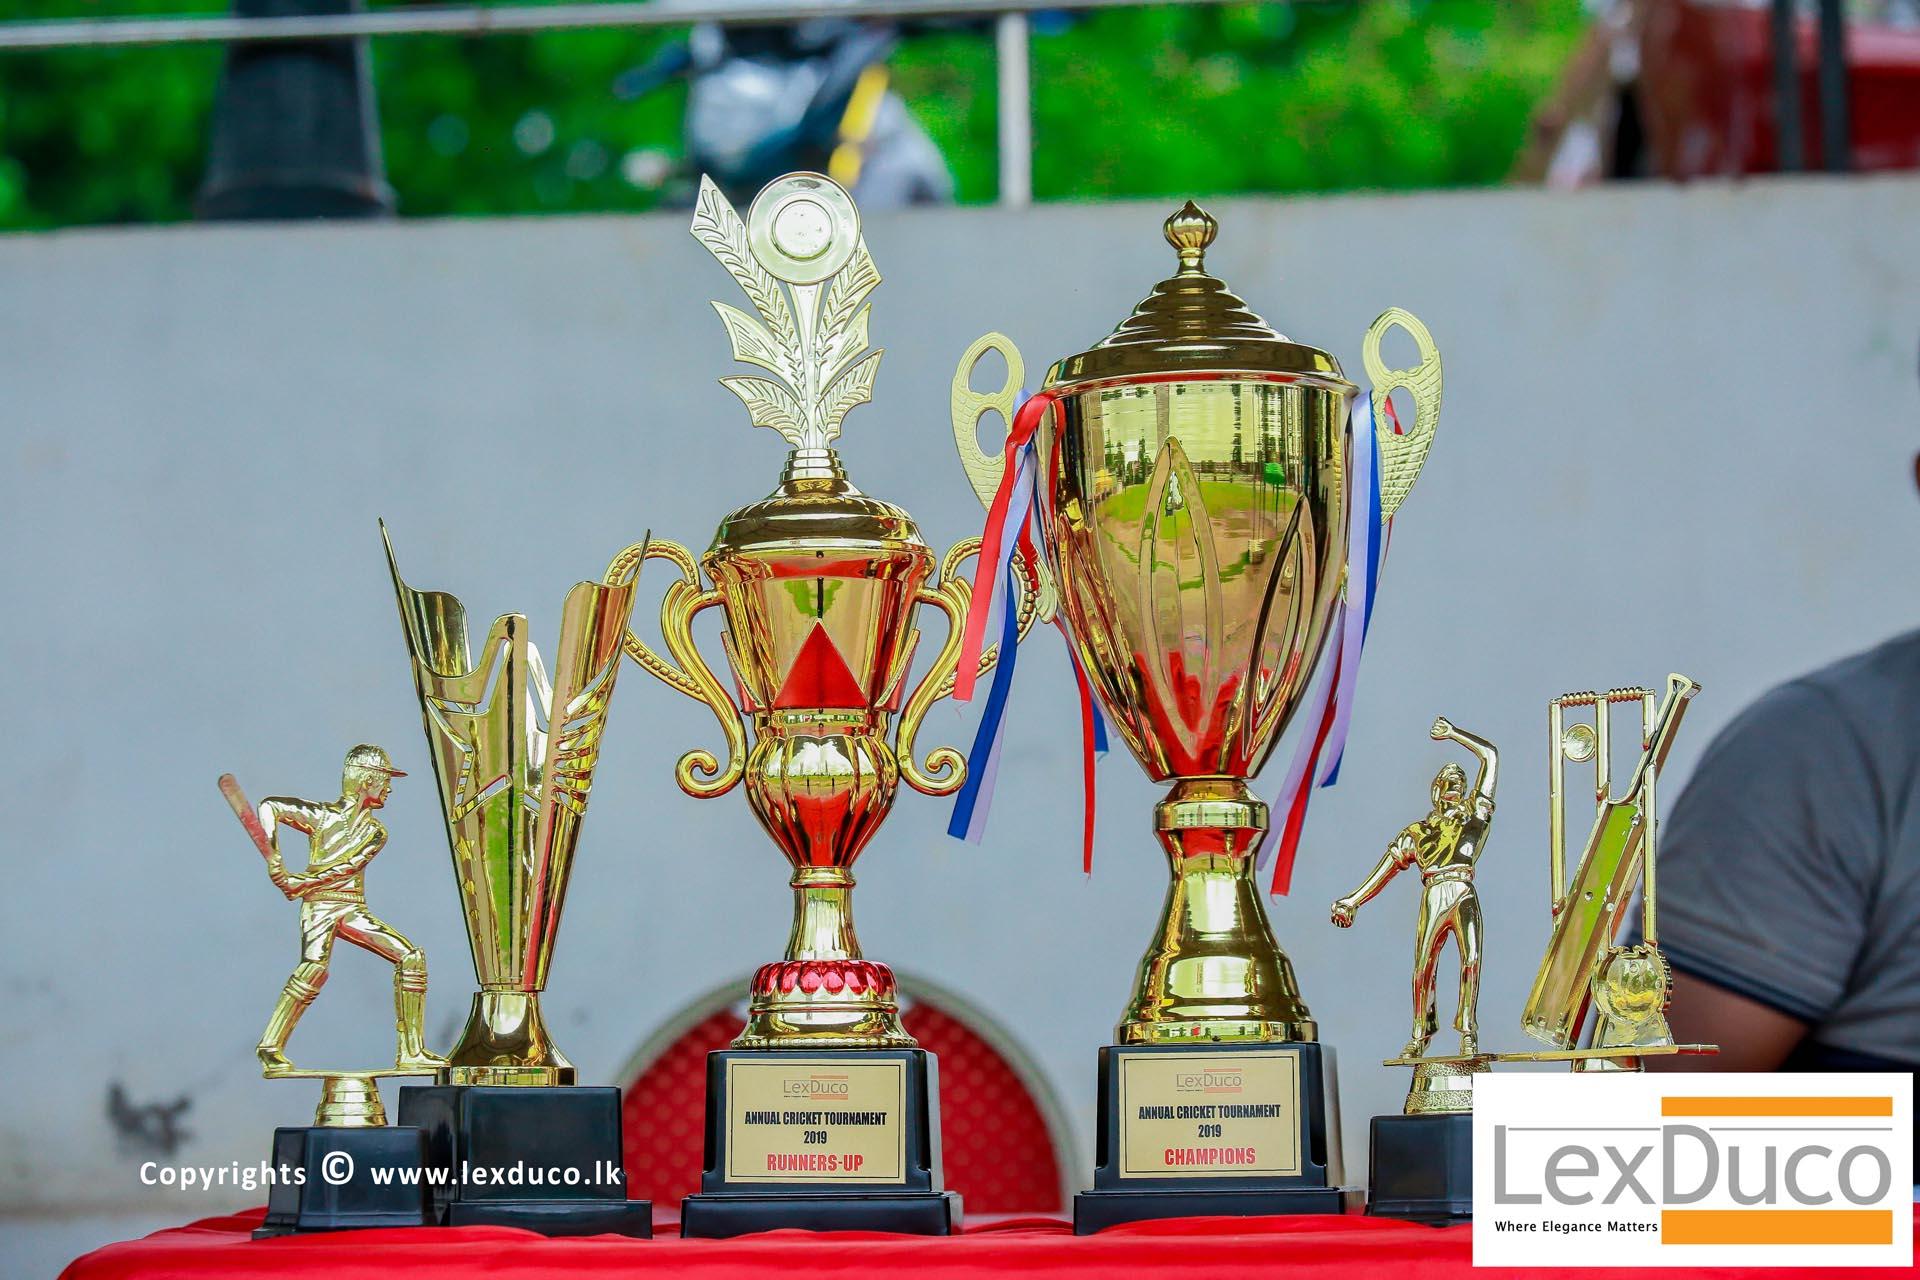 Lex Duco Annual Cricket Tournament - 2019 | Lex Duco